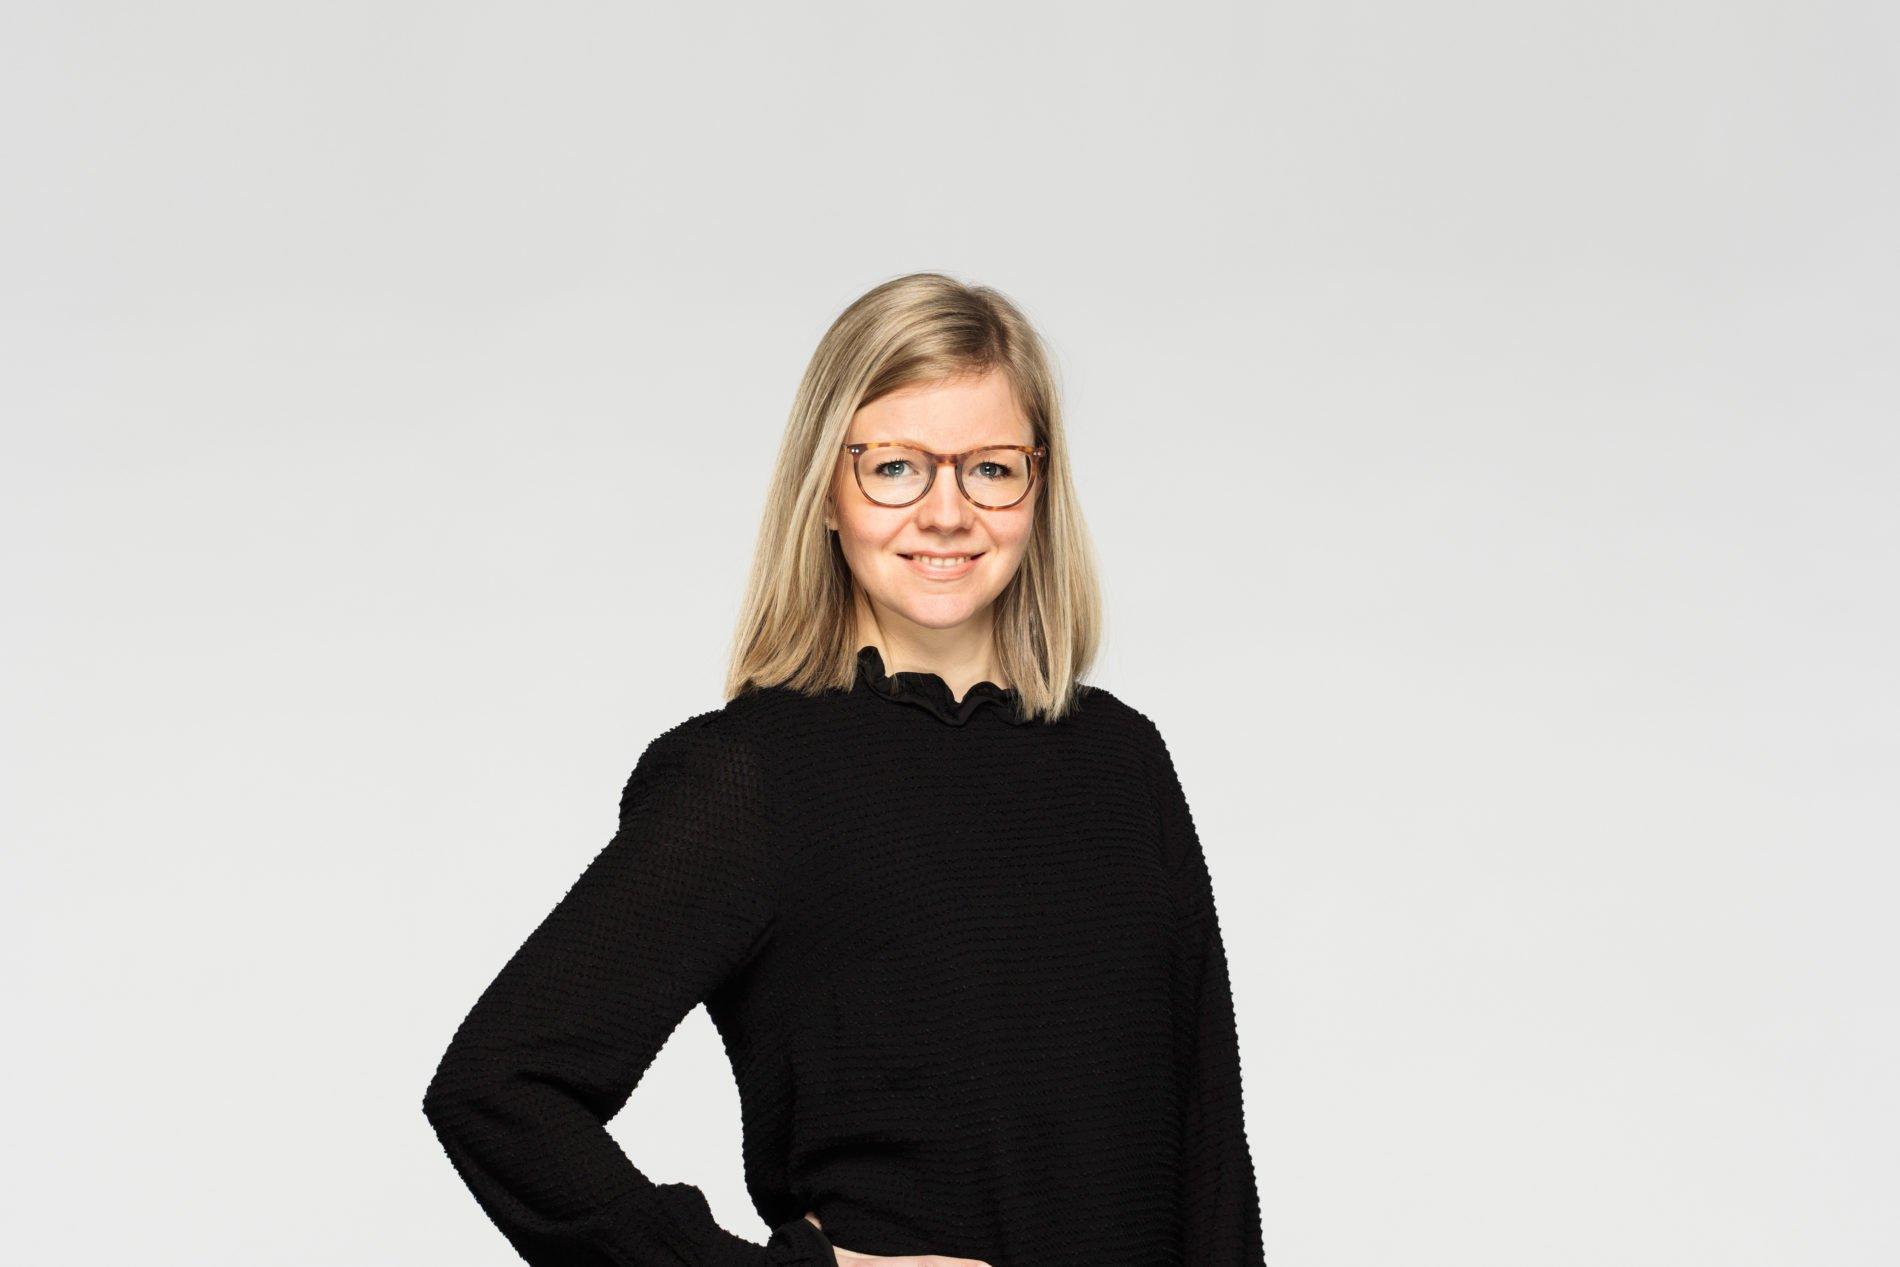 Emelie Nordstedt